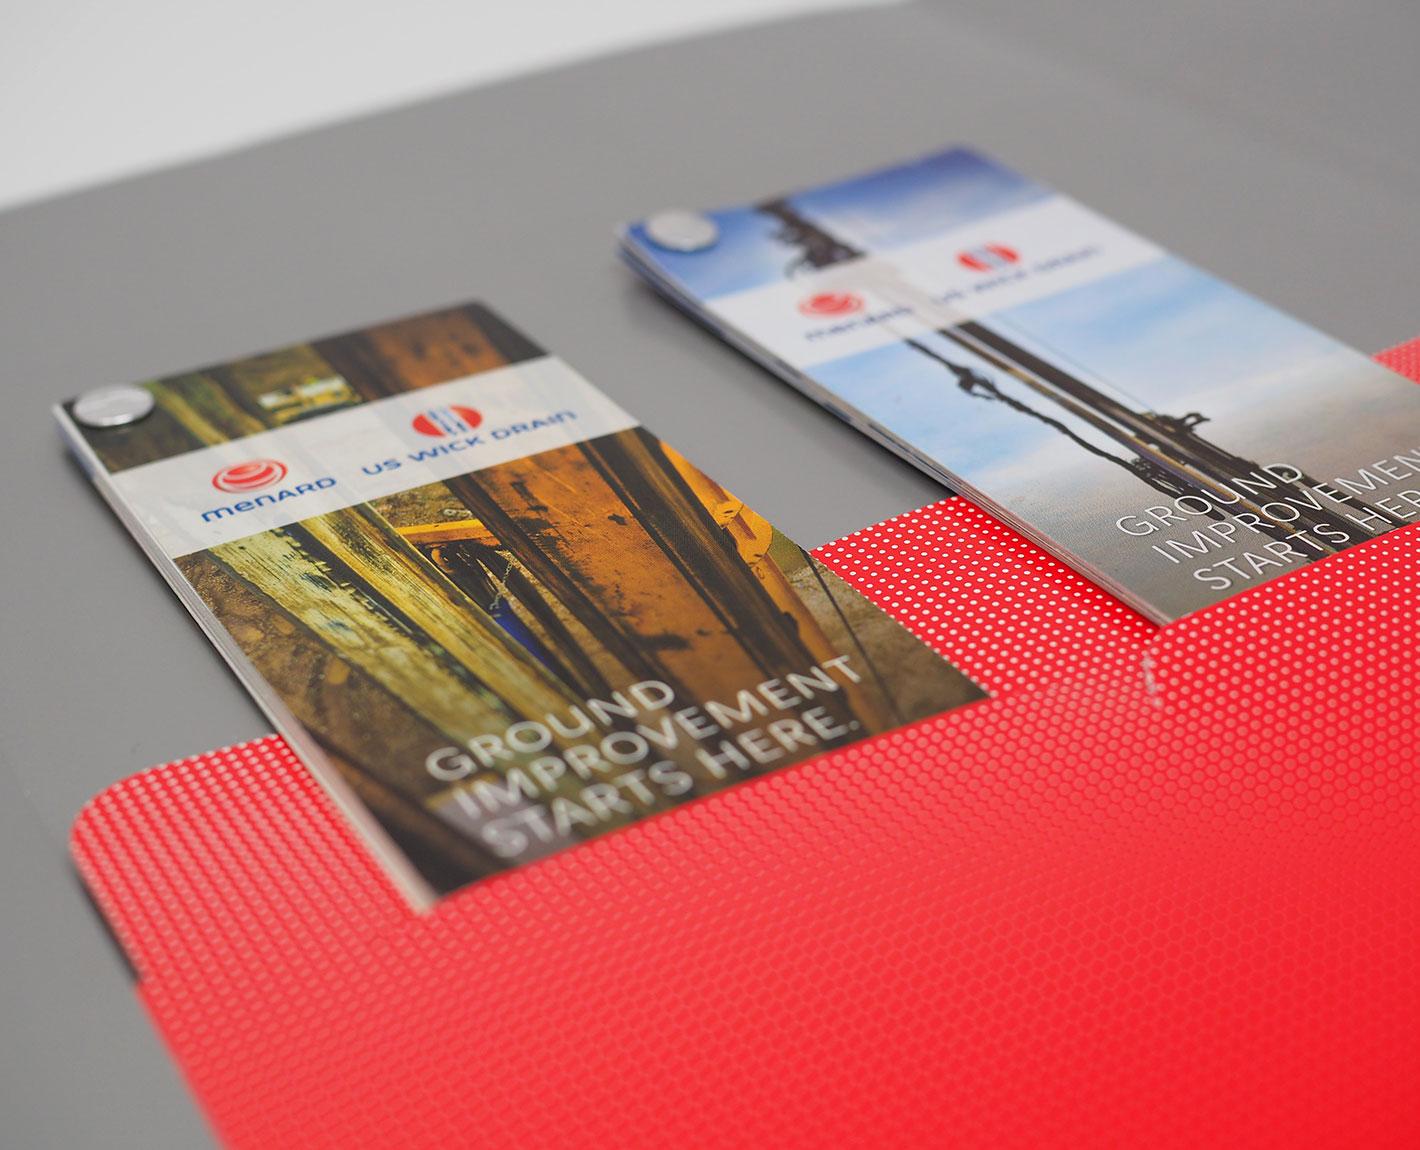 Custom pocket folder design by Tara Hoover